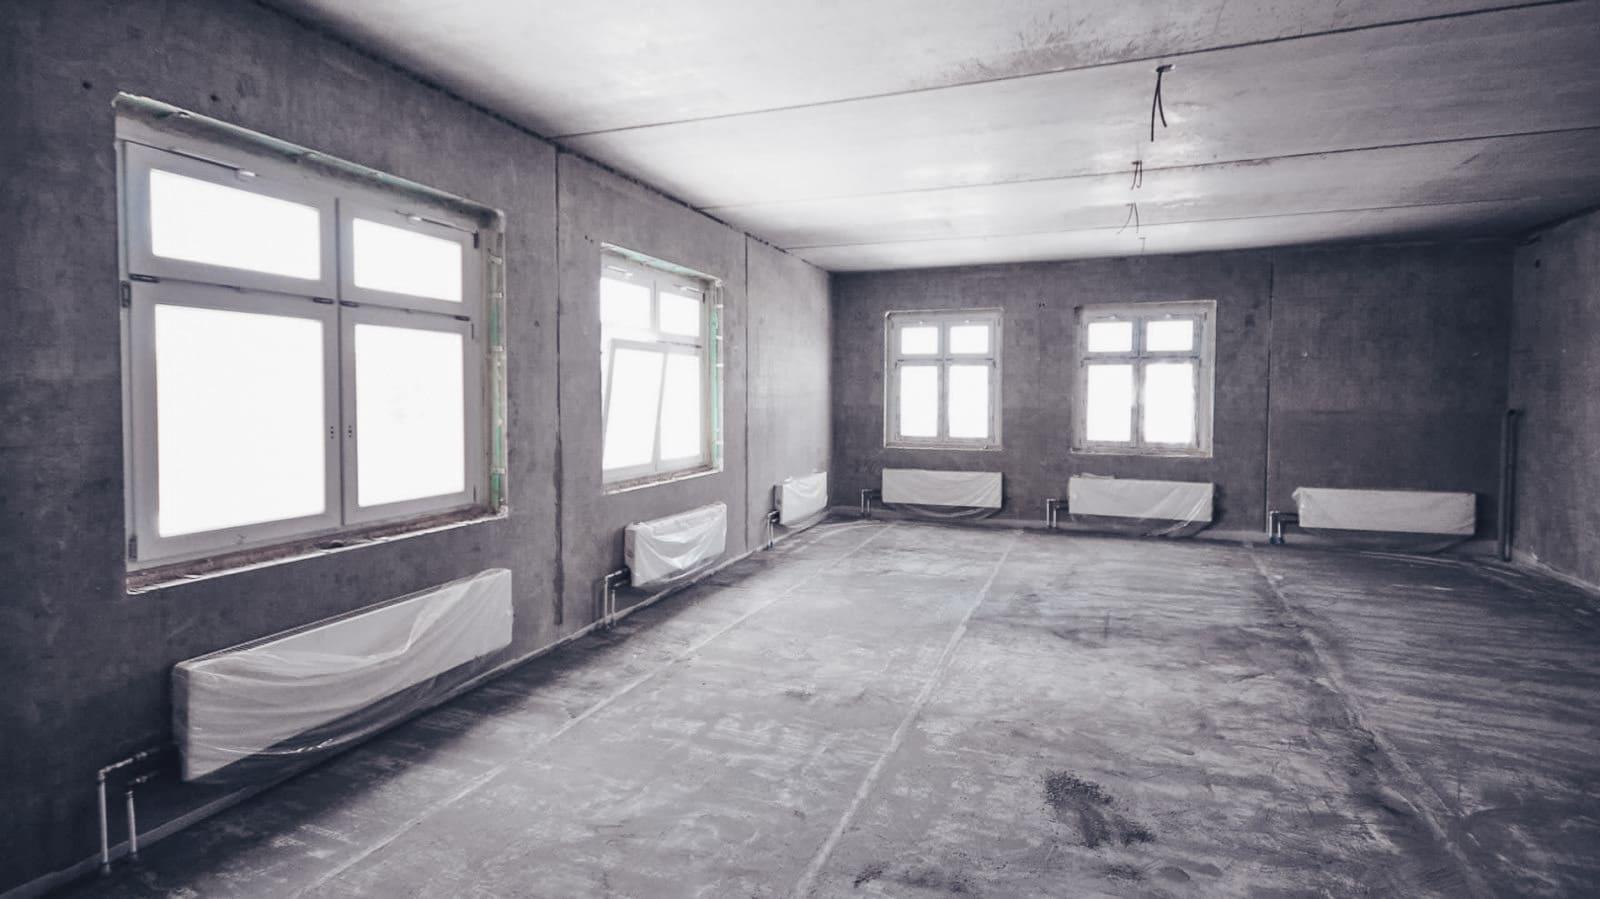 Gidroizolyaciya kvartiry 1 - Гидроизоляция квартиры